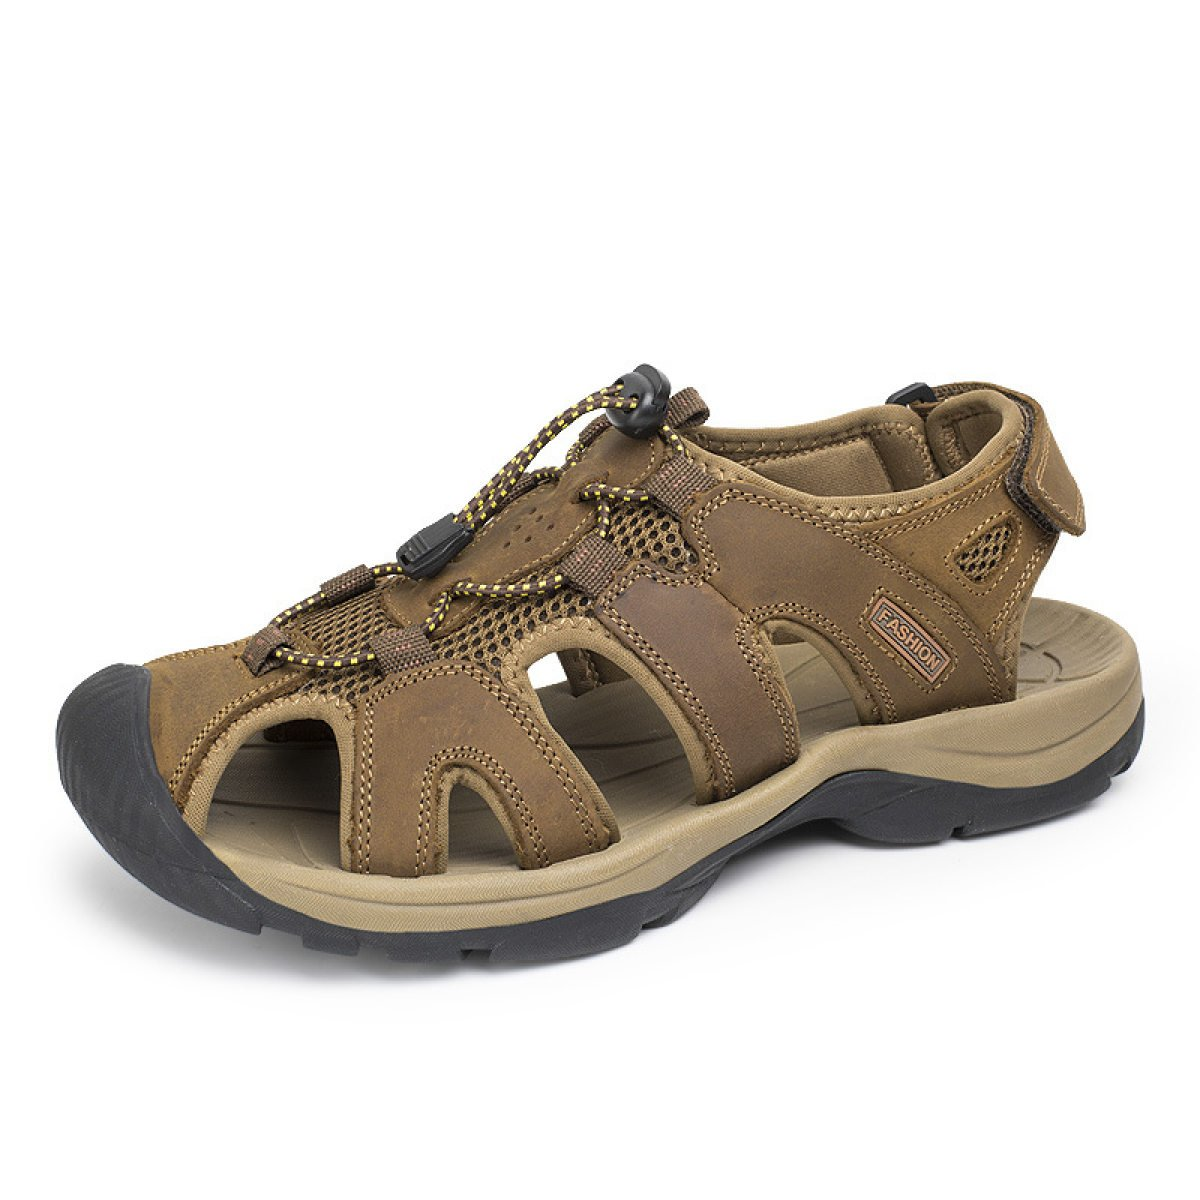 LXXAMens Verano Playa Sandalias Zapatos Al Aire Libre Velcro Zapatos Deportivos,Brown1-43EU 43EU|Brown1